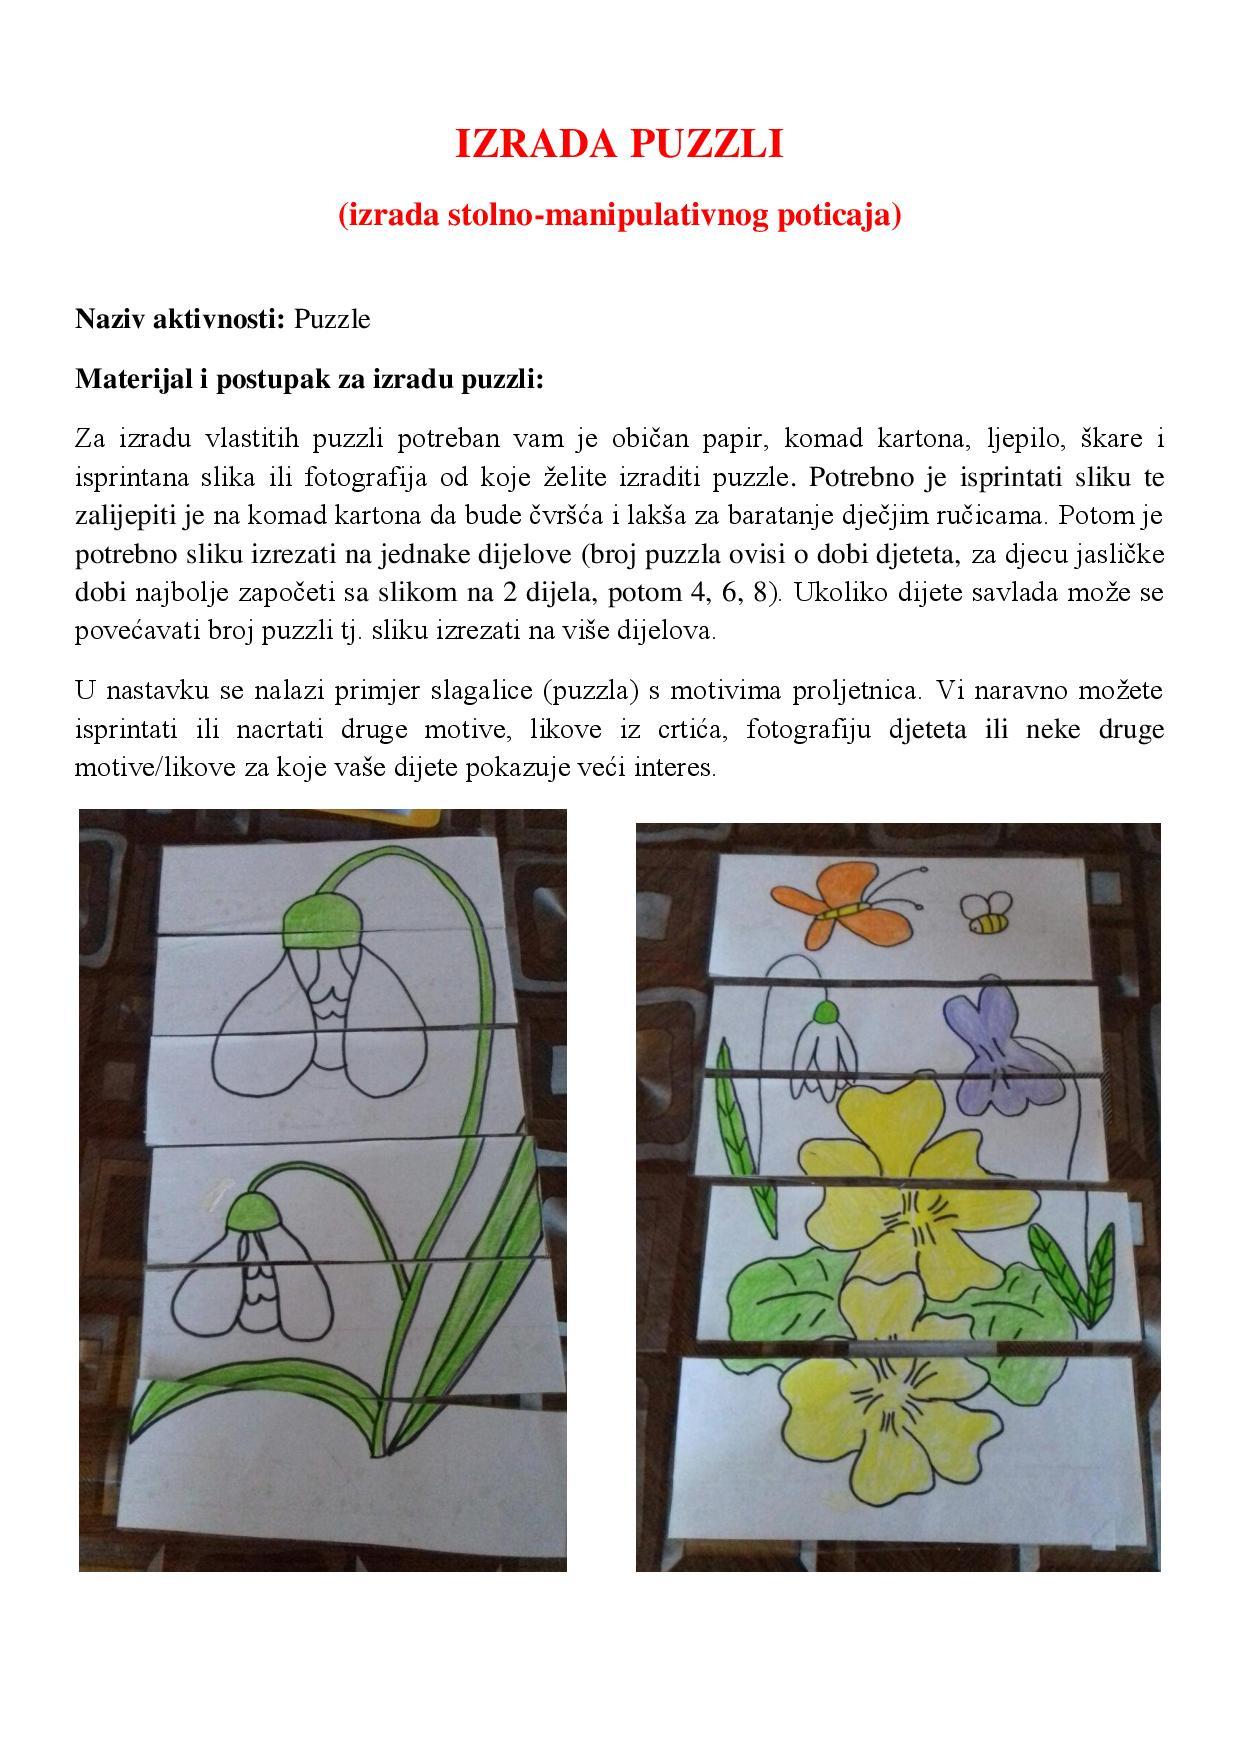 Puzzle page 001   GRDELIN BUZET